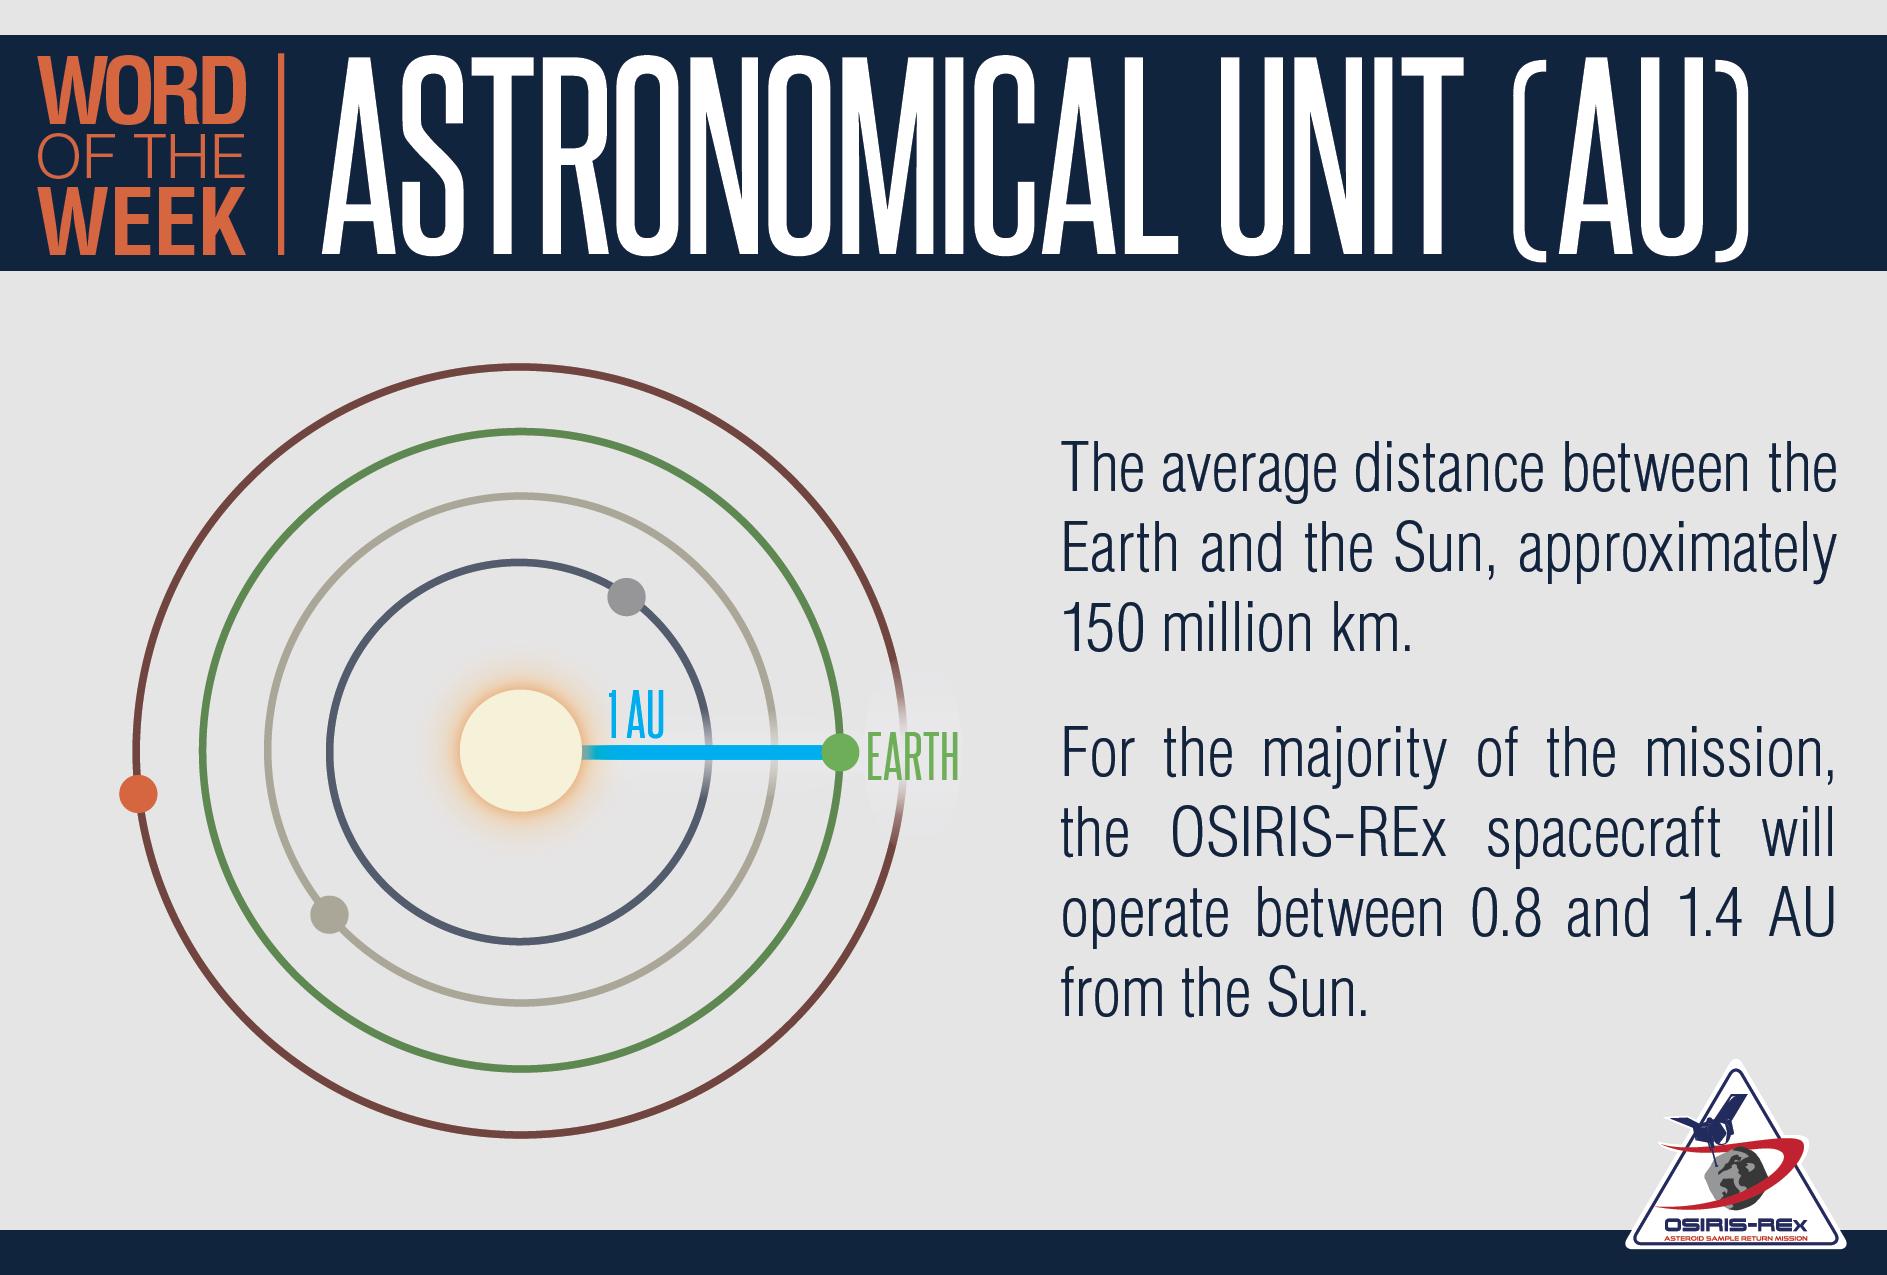 Astronomical Unit (AU) Definition and Illustration